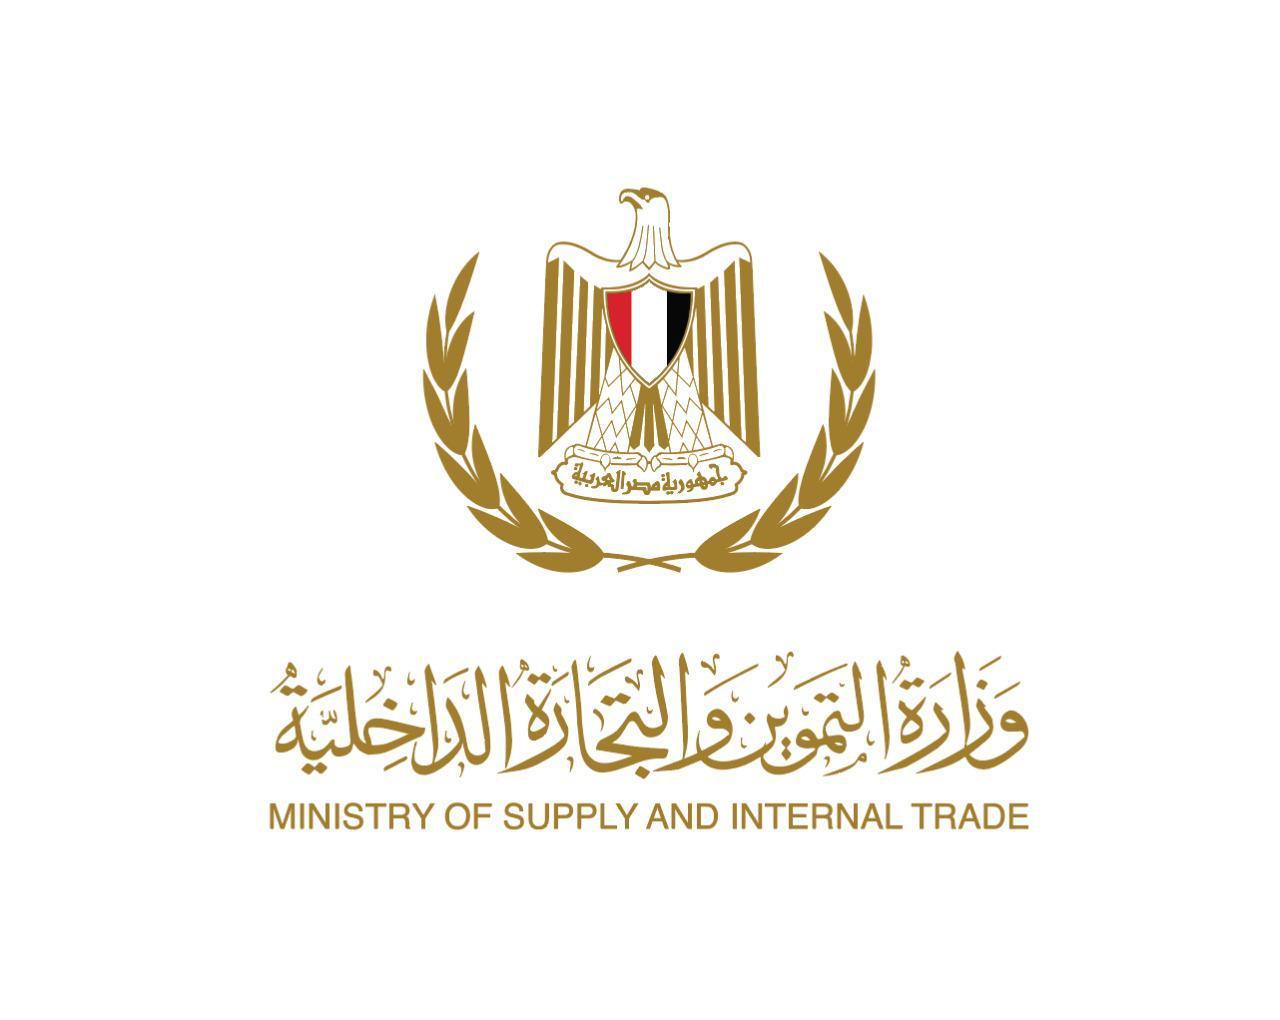 وزارة التموين تتعاقد على شراء ١٠٠ ألف طن زيت طعام خام مستورد